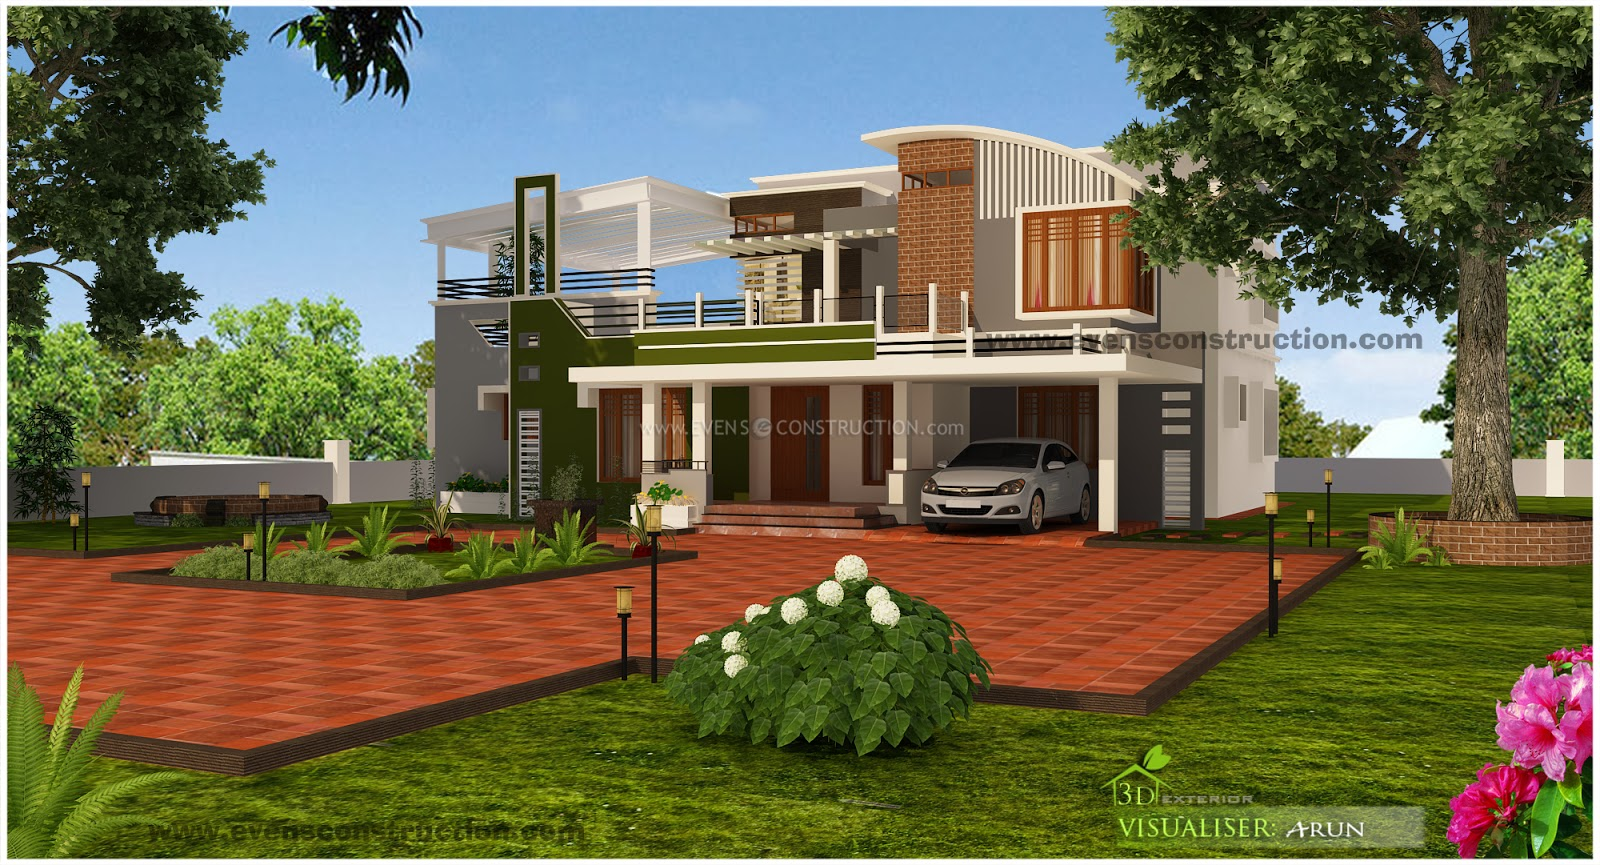 Evens construction pvt ltd unique contemporary luxury for Compound home plans